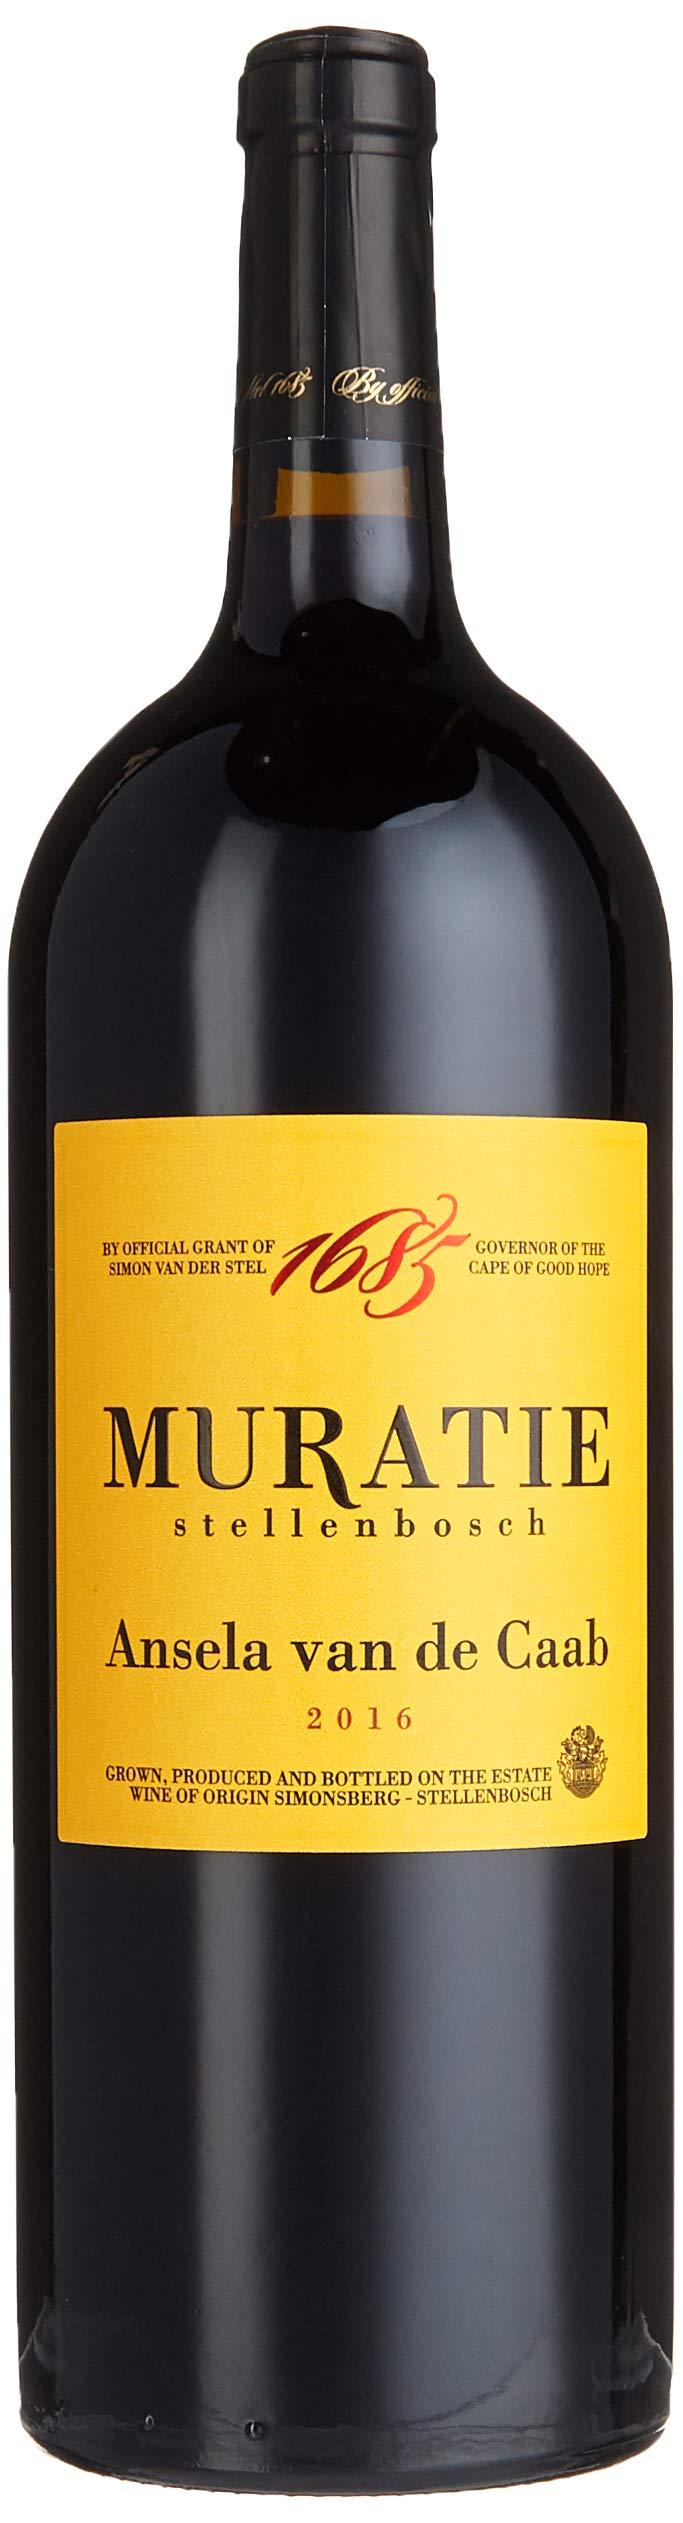 Muratie-Estate-Ansela-van-de-Caab-Magnum-2011-trocken-1-x-15-L